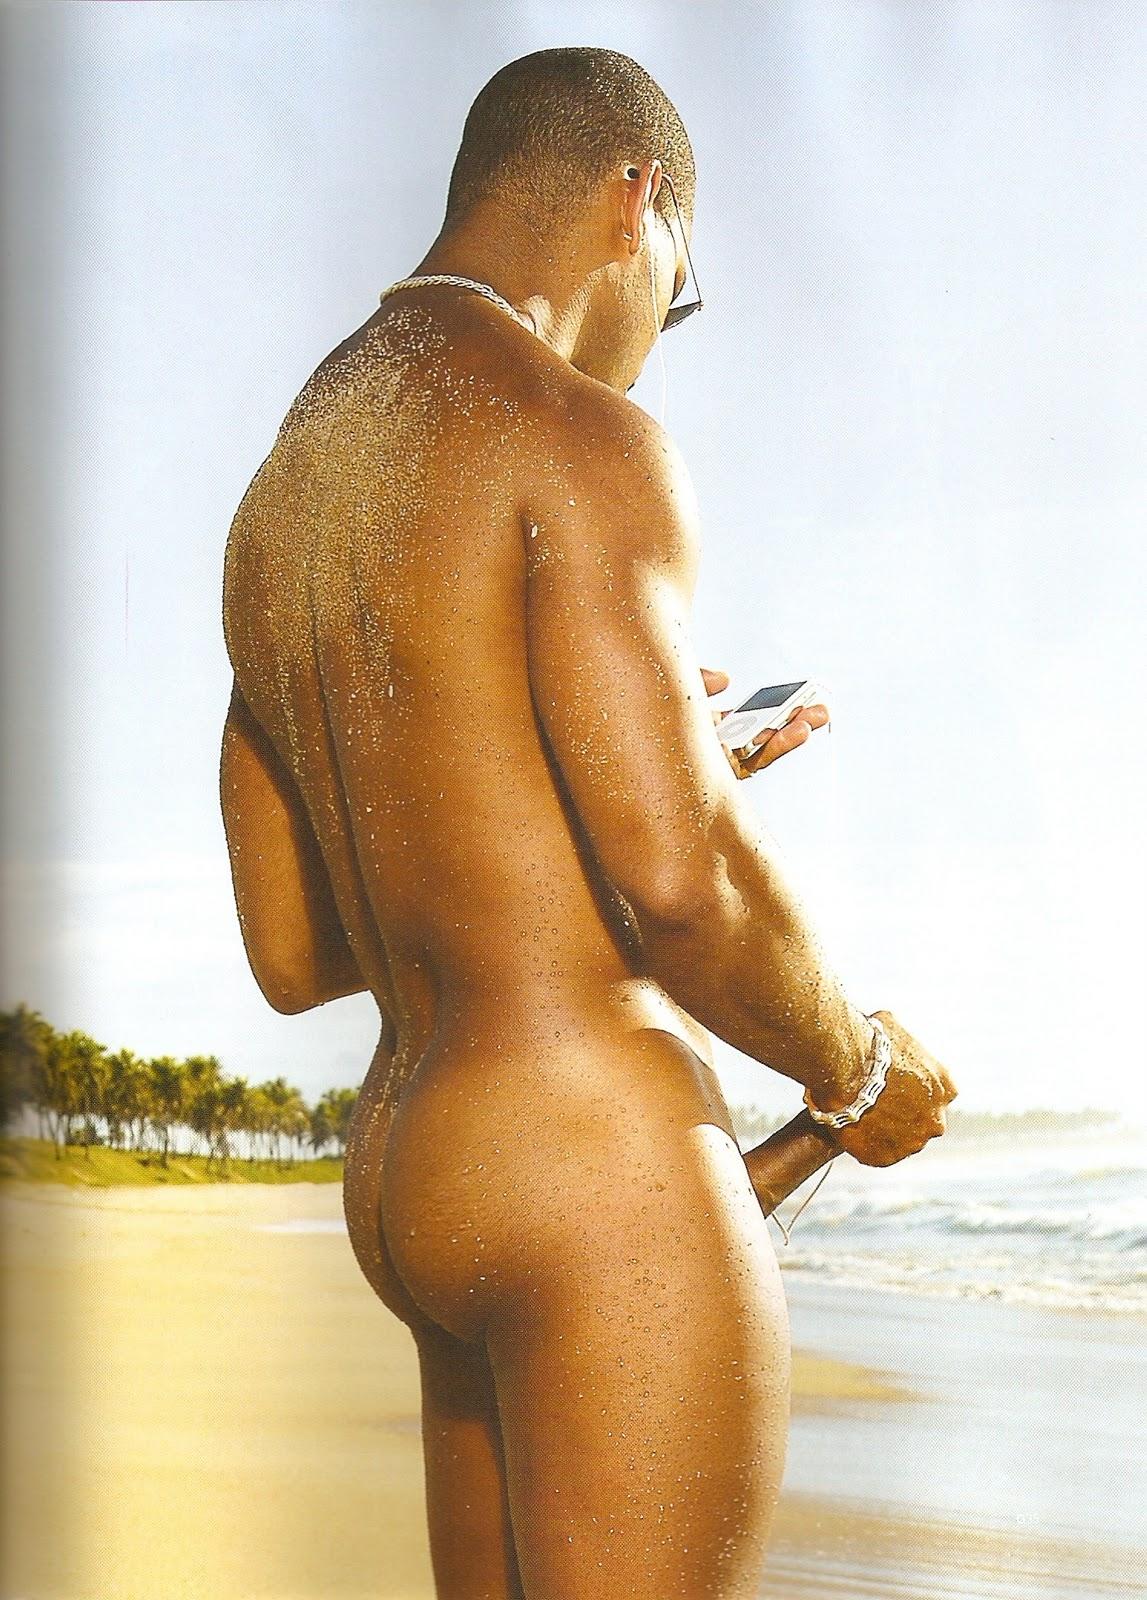 Toni Sales pelado de pau duro na revista G Magazine